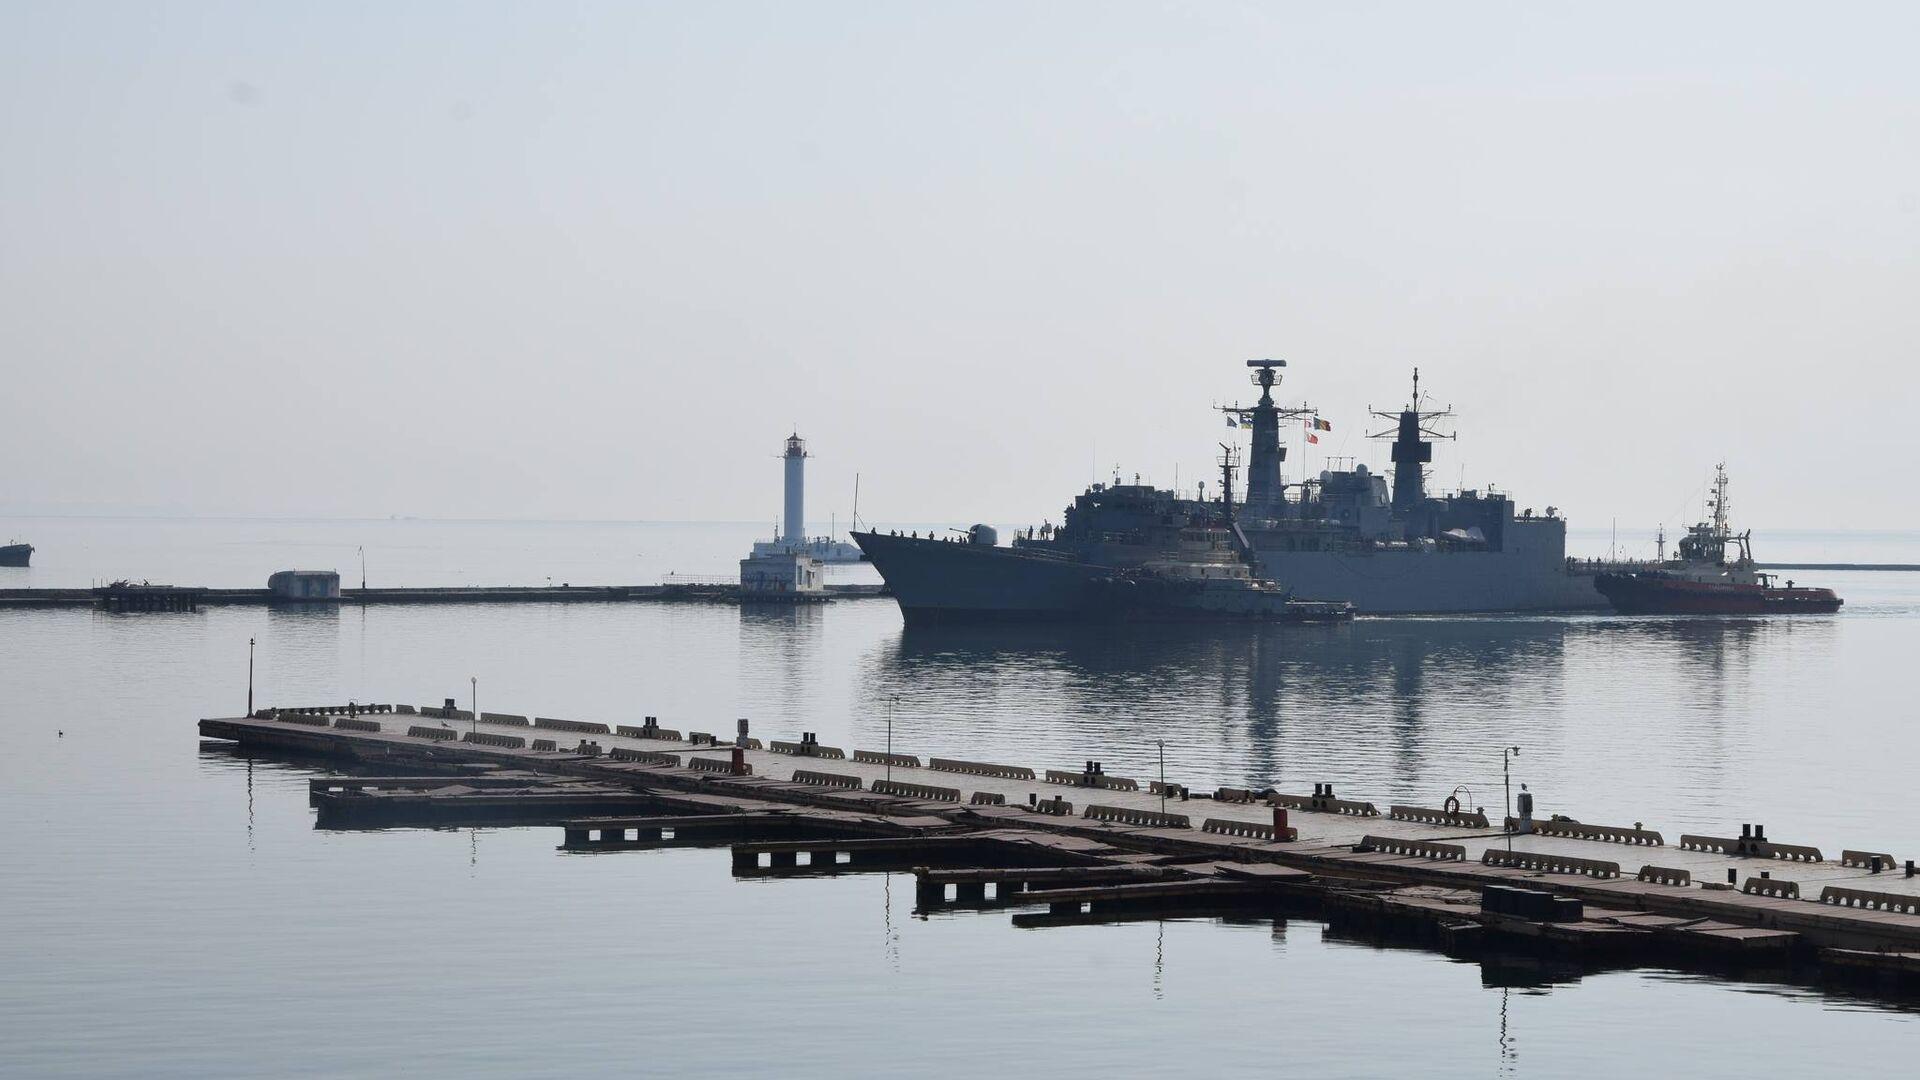 Корабли военно-морской группы НАТО в порту Одессы - РИА Новости, 1920, 16.05.2021